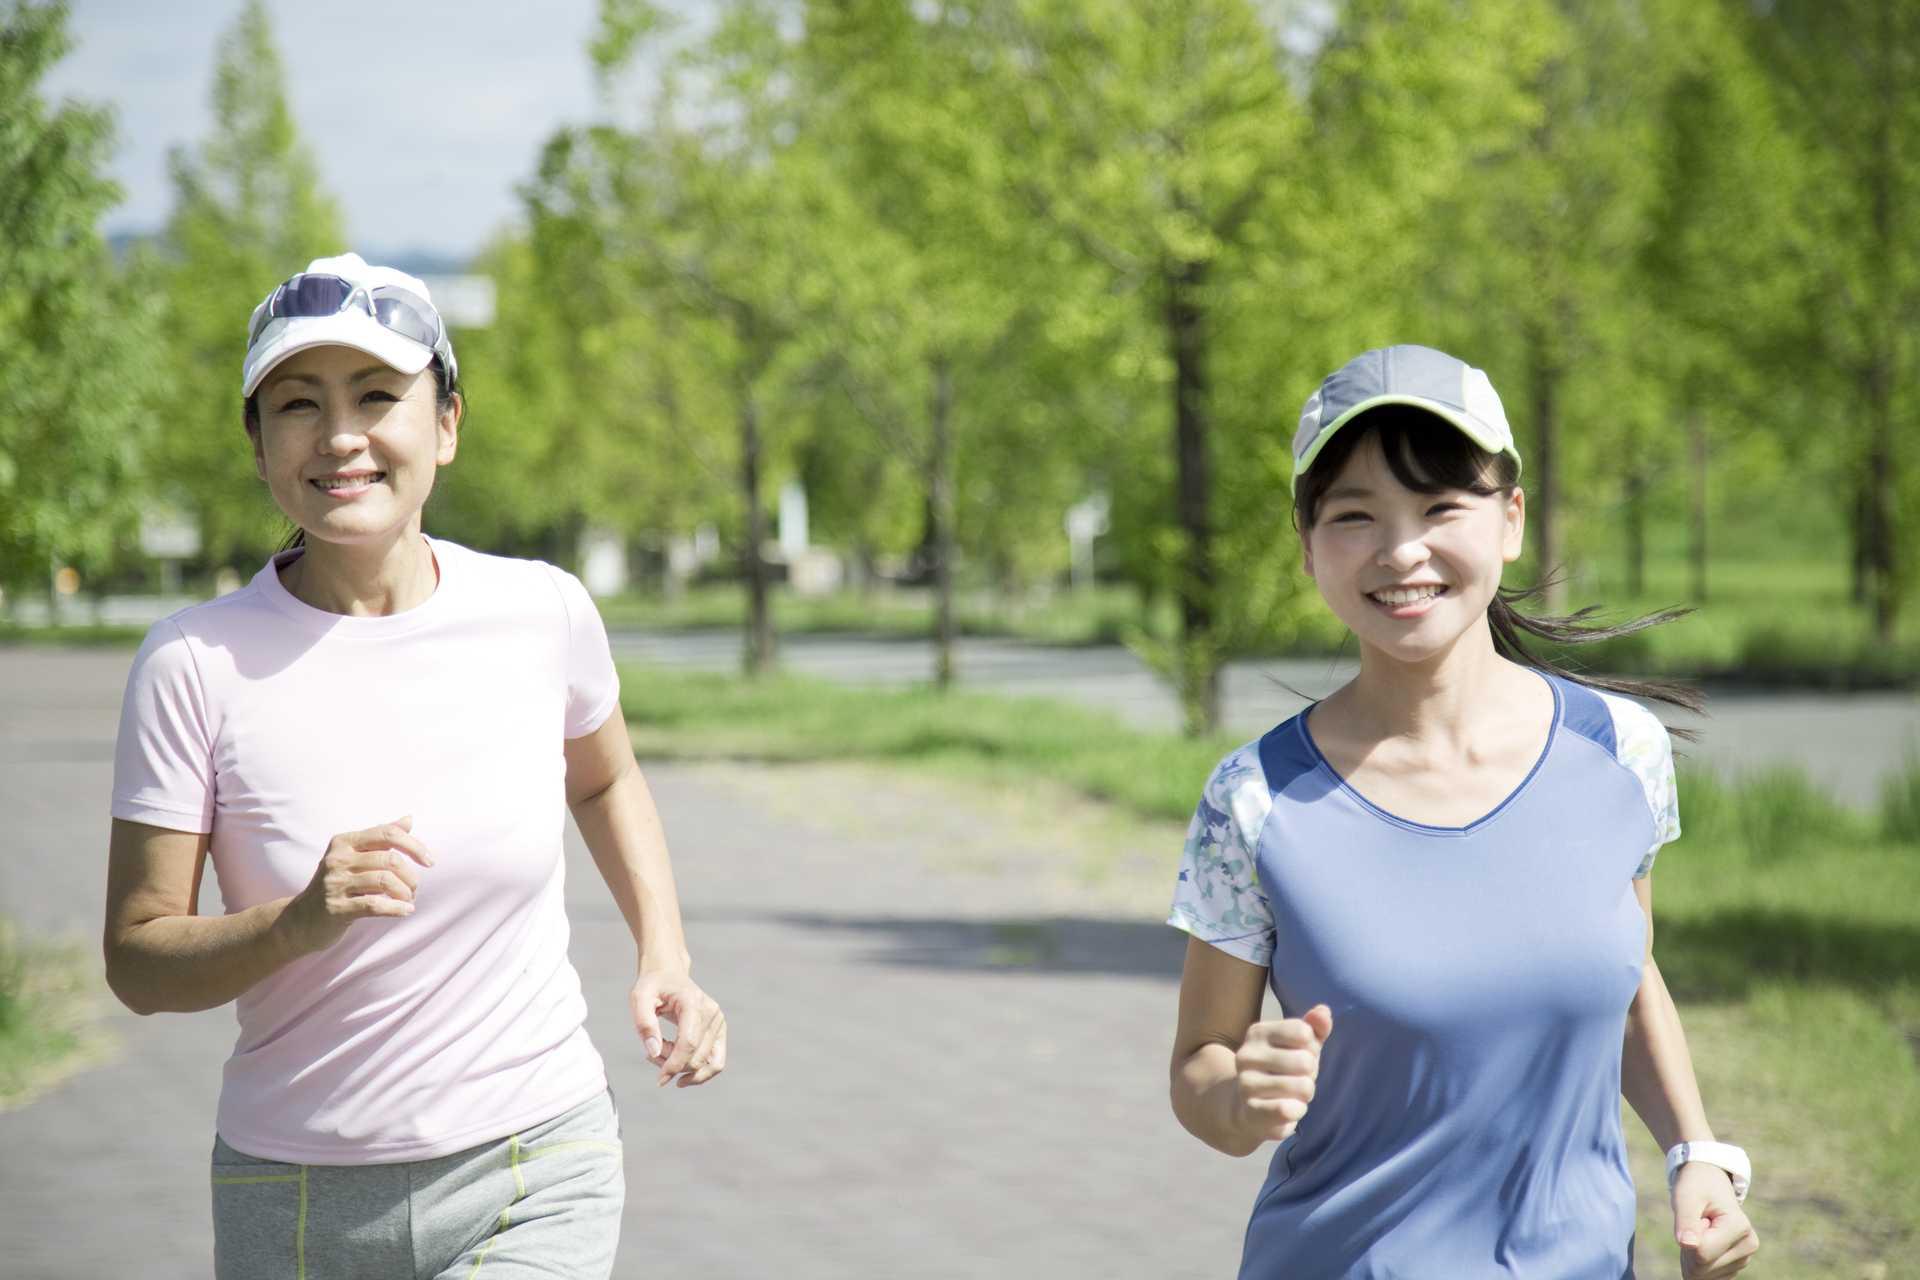 くよくよ悩む暇があるなら、とにかく歩け。 | 早朝の散歩習慣のすすめ